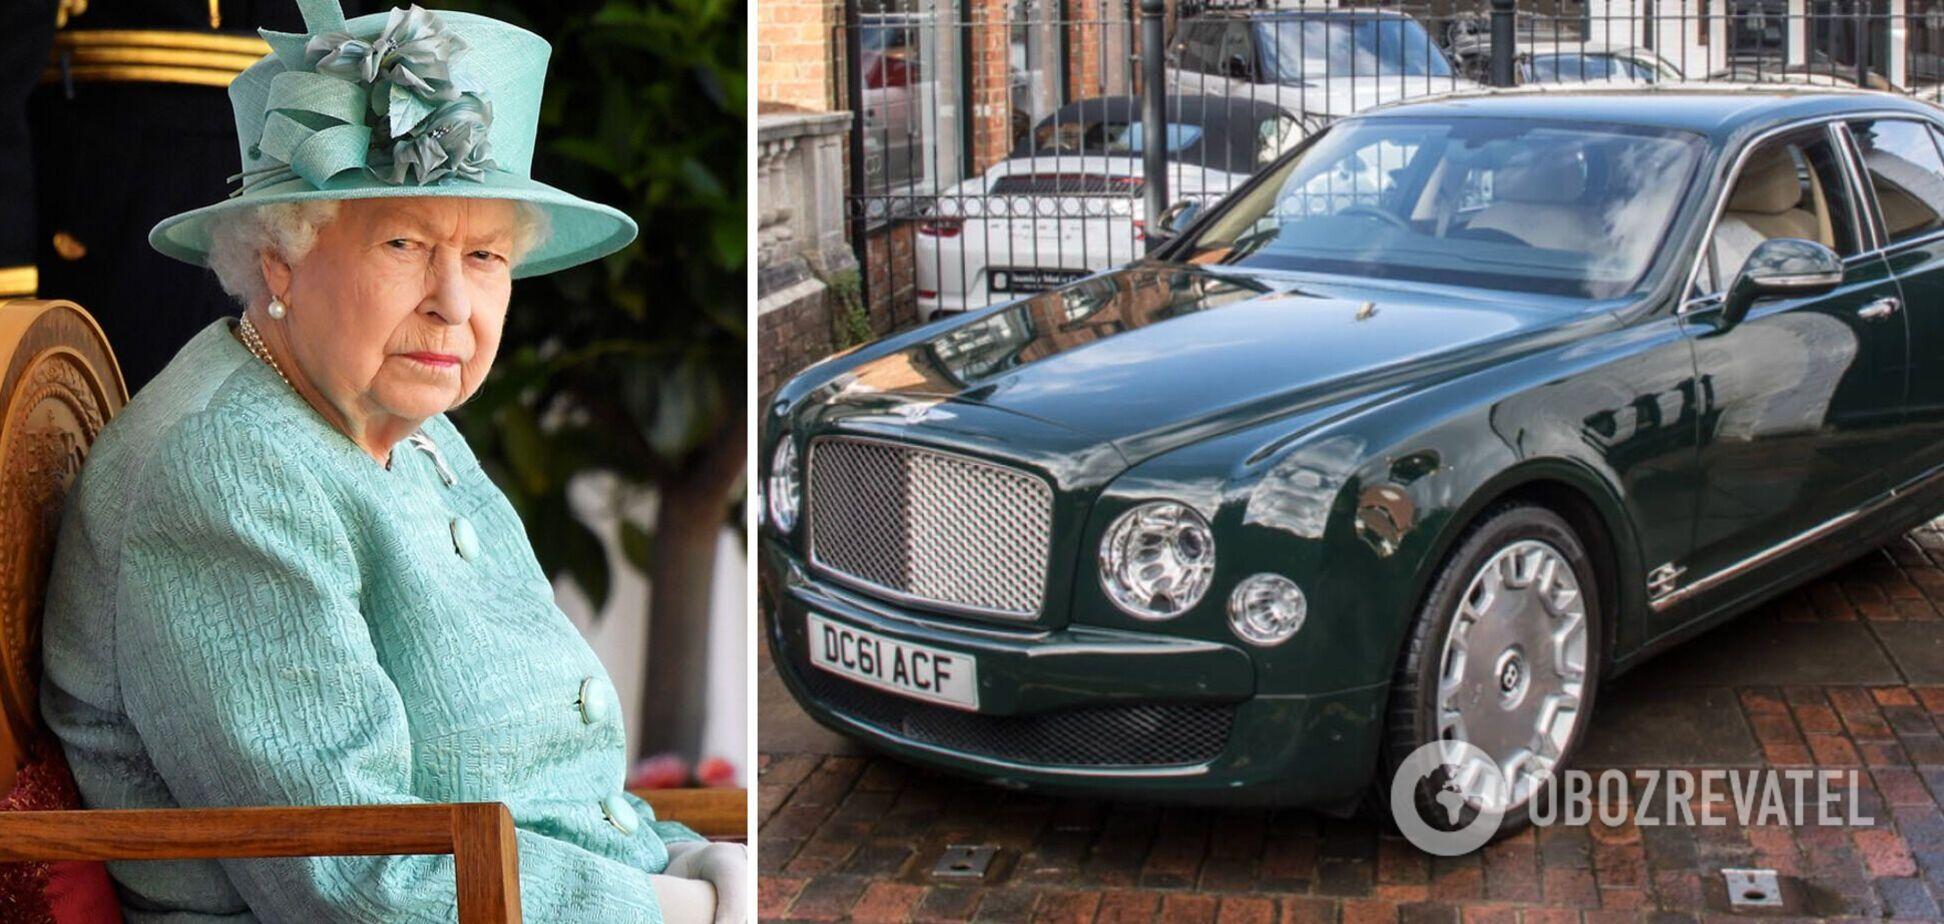 BentleyЕлизаветы II продали за 180 тысяч фунтов: как выглядит авто